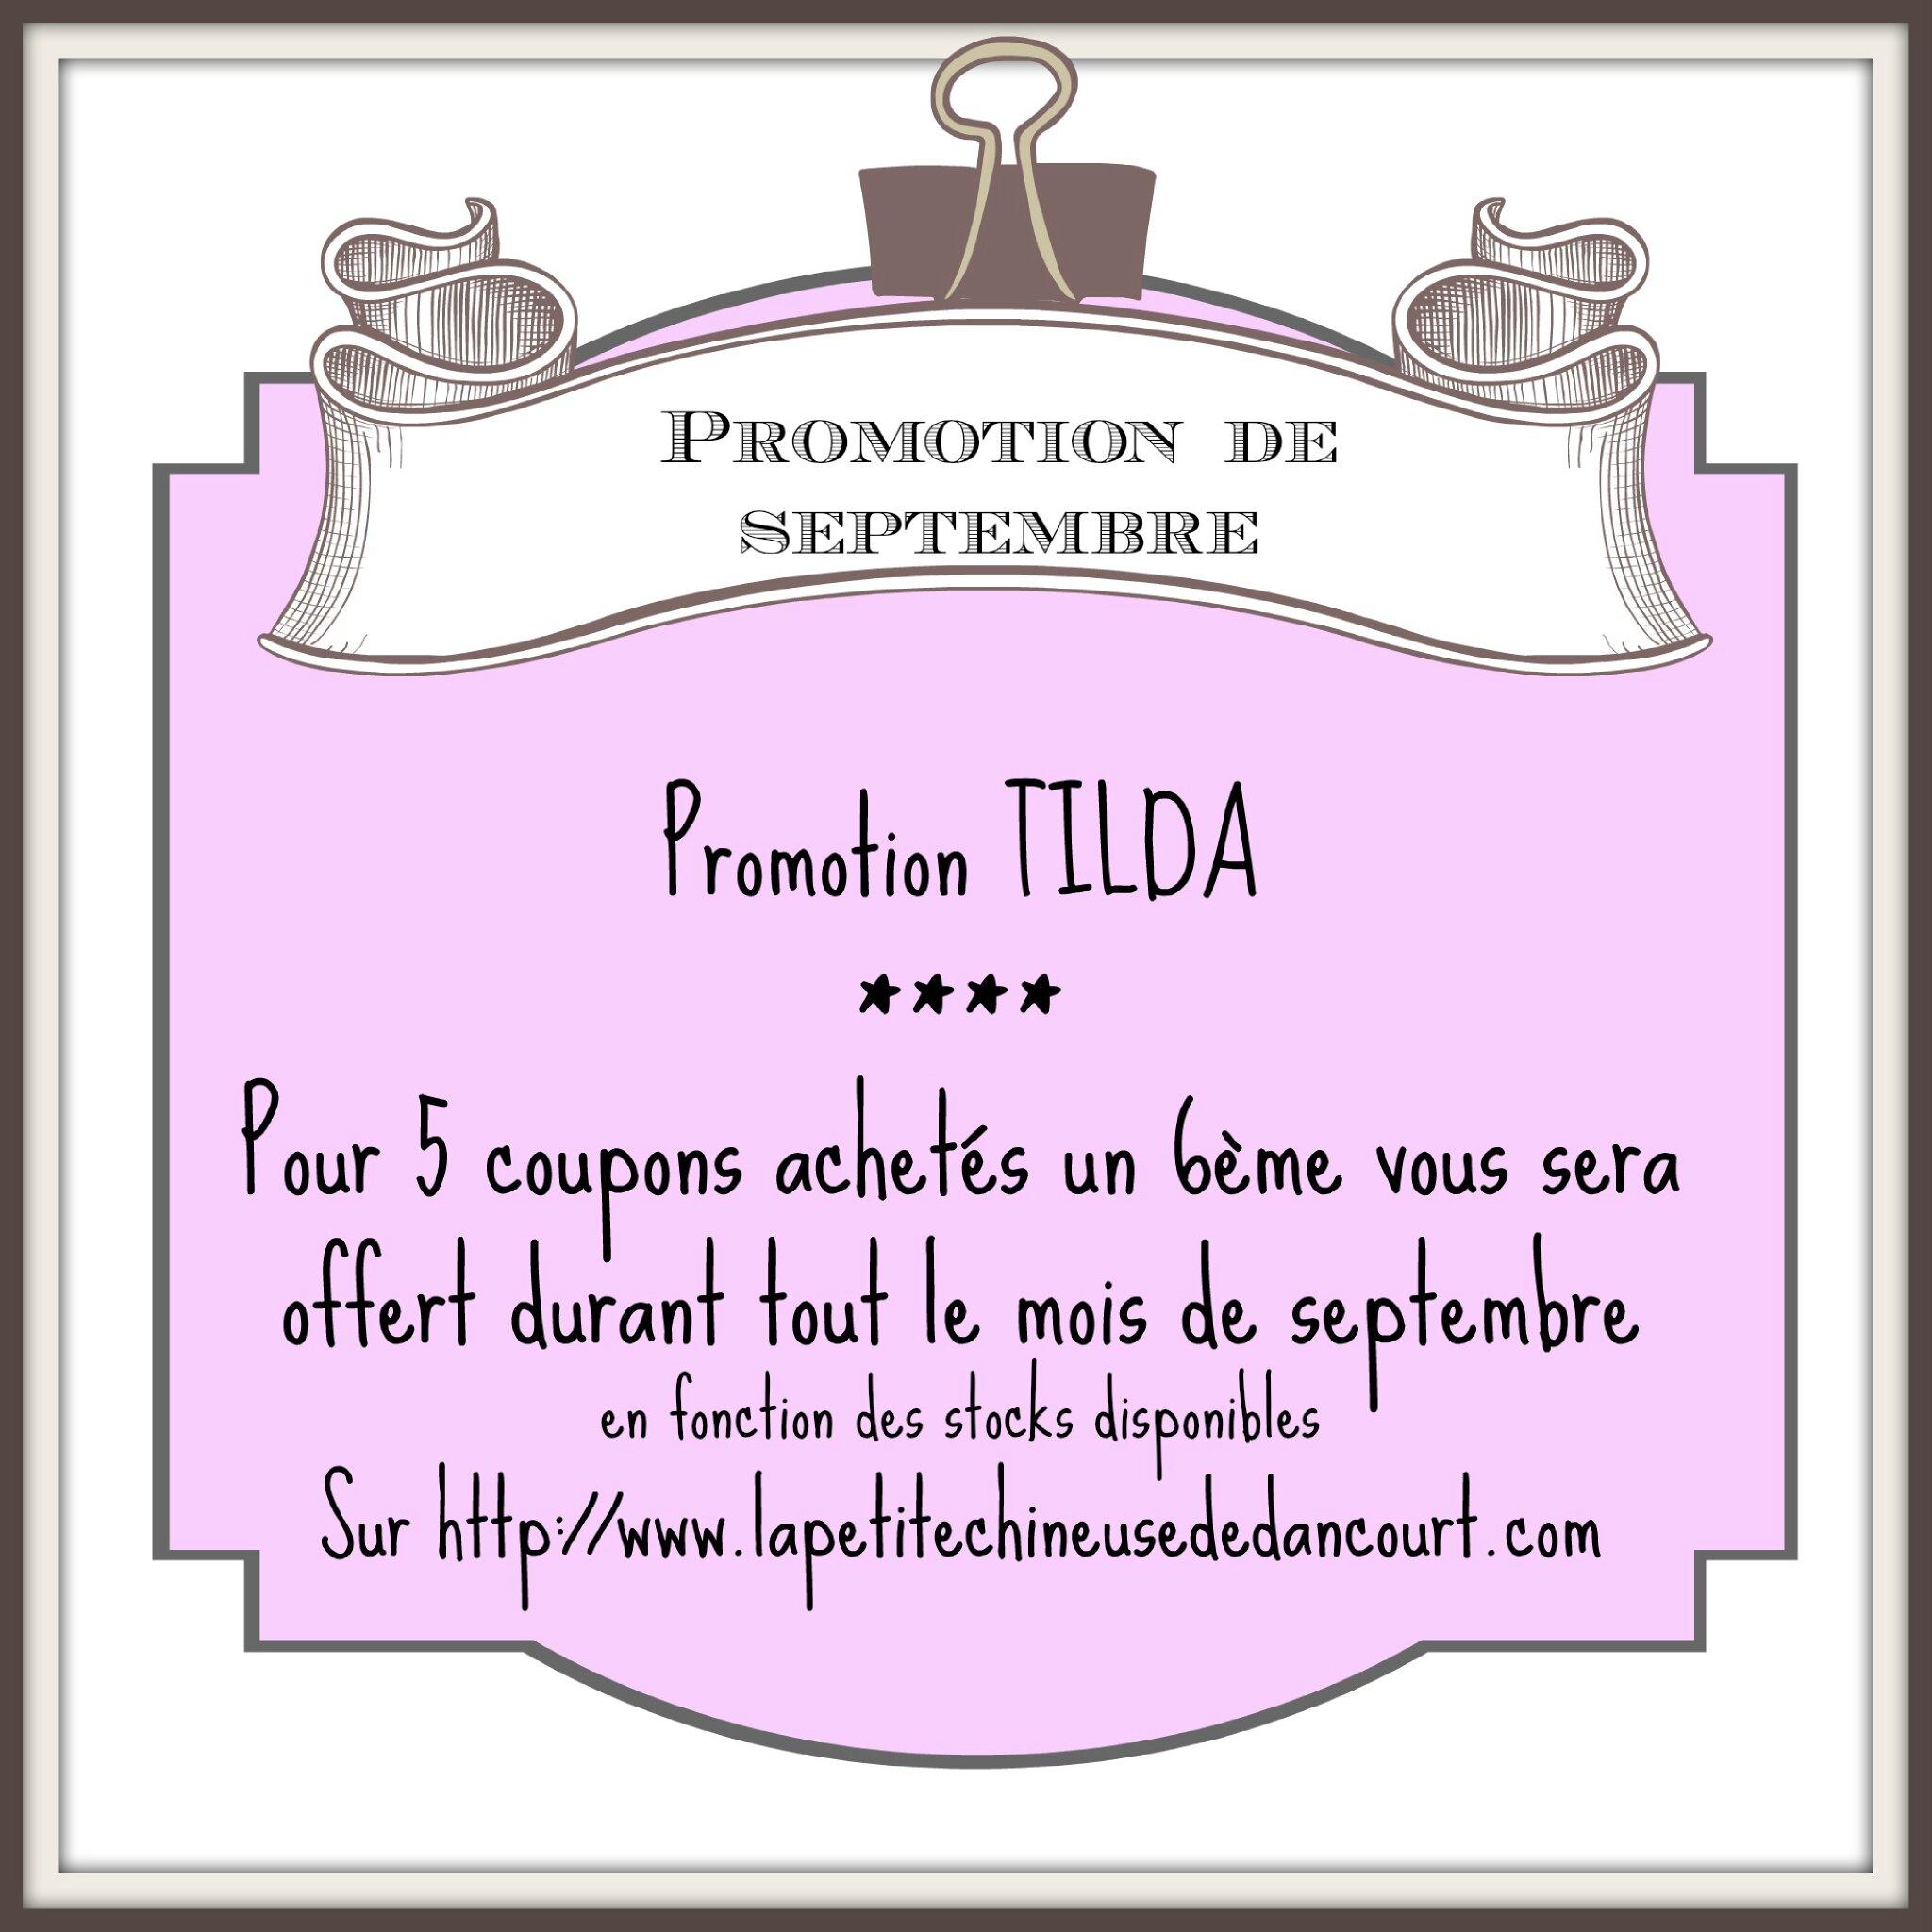 Promotion Tilda chez la petite chineuse de Dancourt